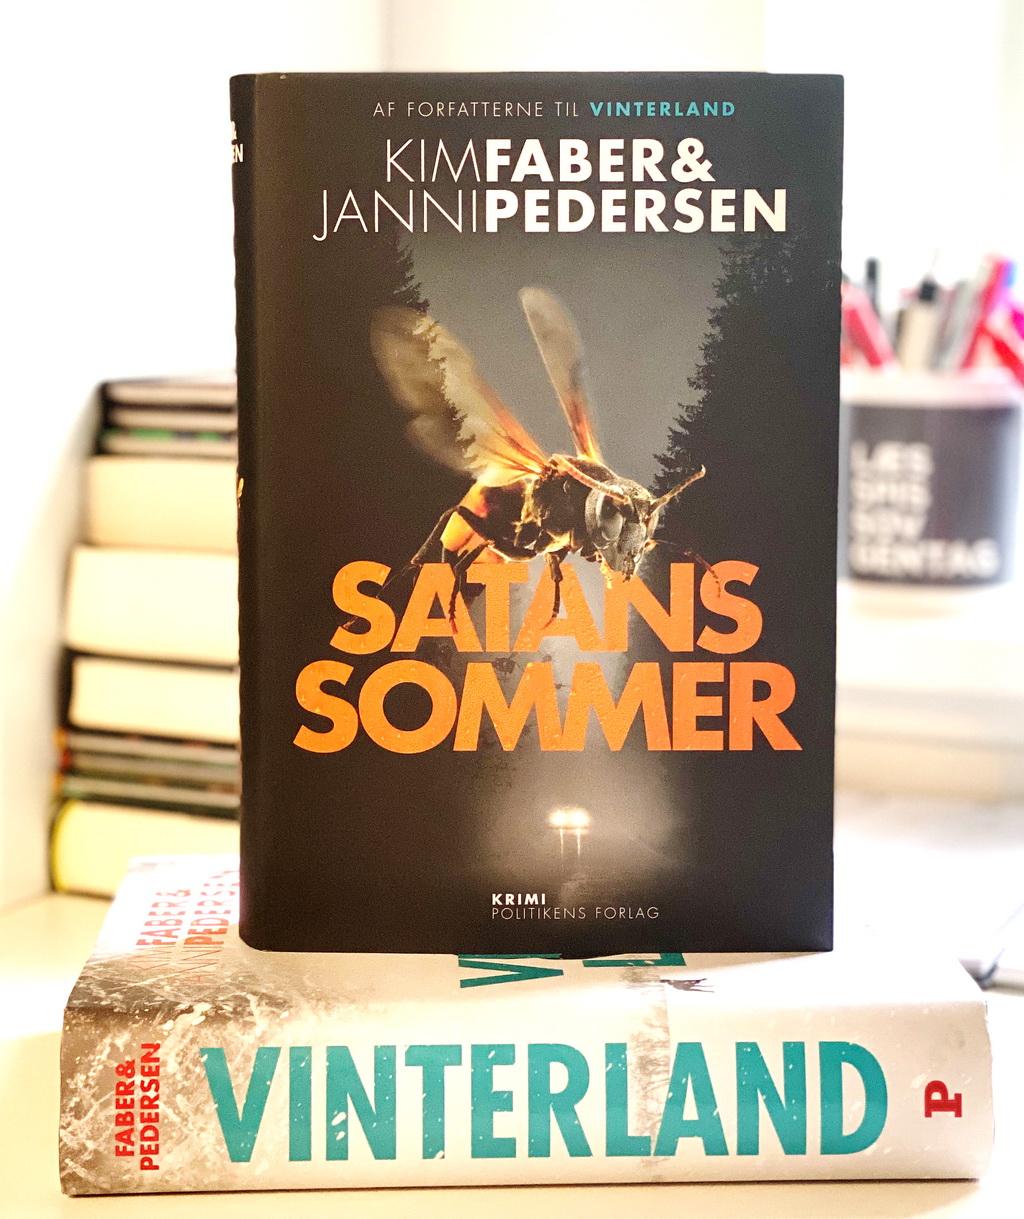 Billede af: Satans sommer og Vinterland af Kim Faber & Janni Pedersen